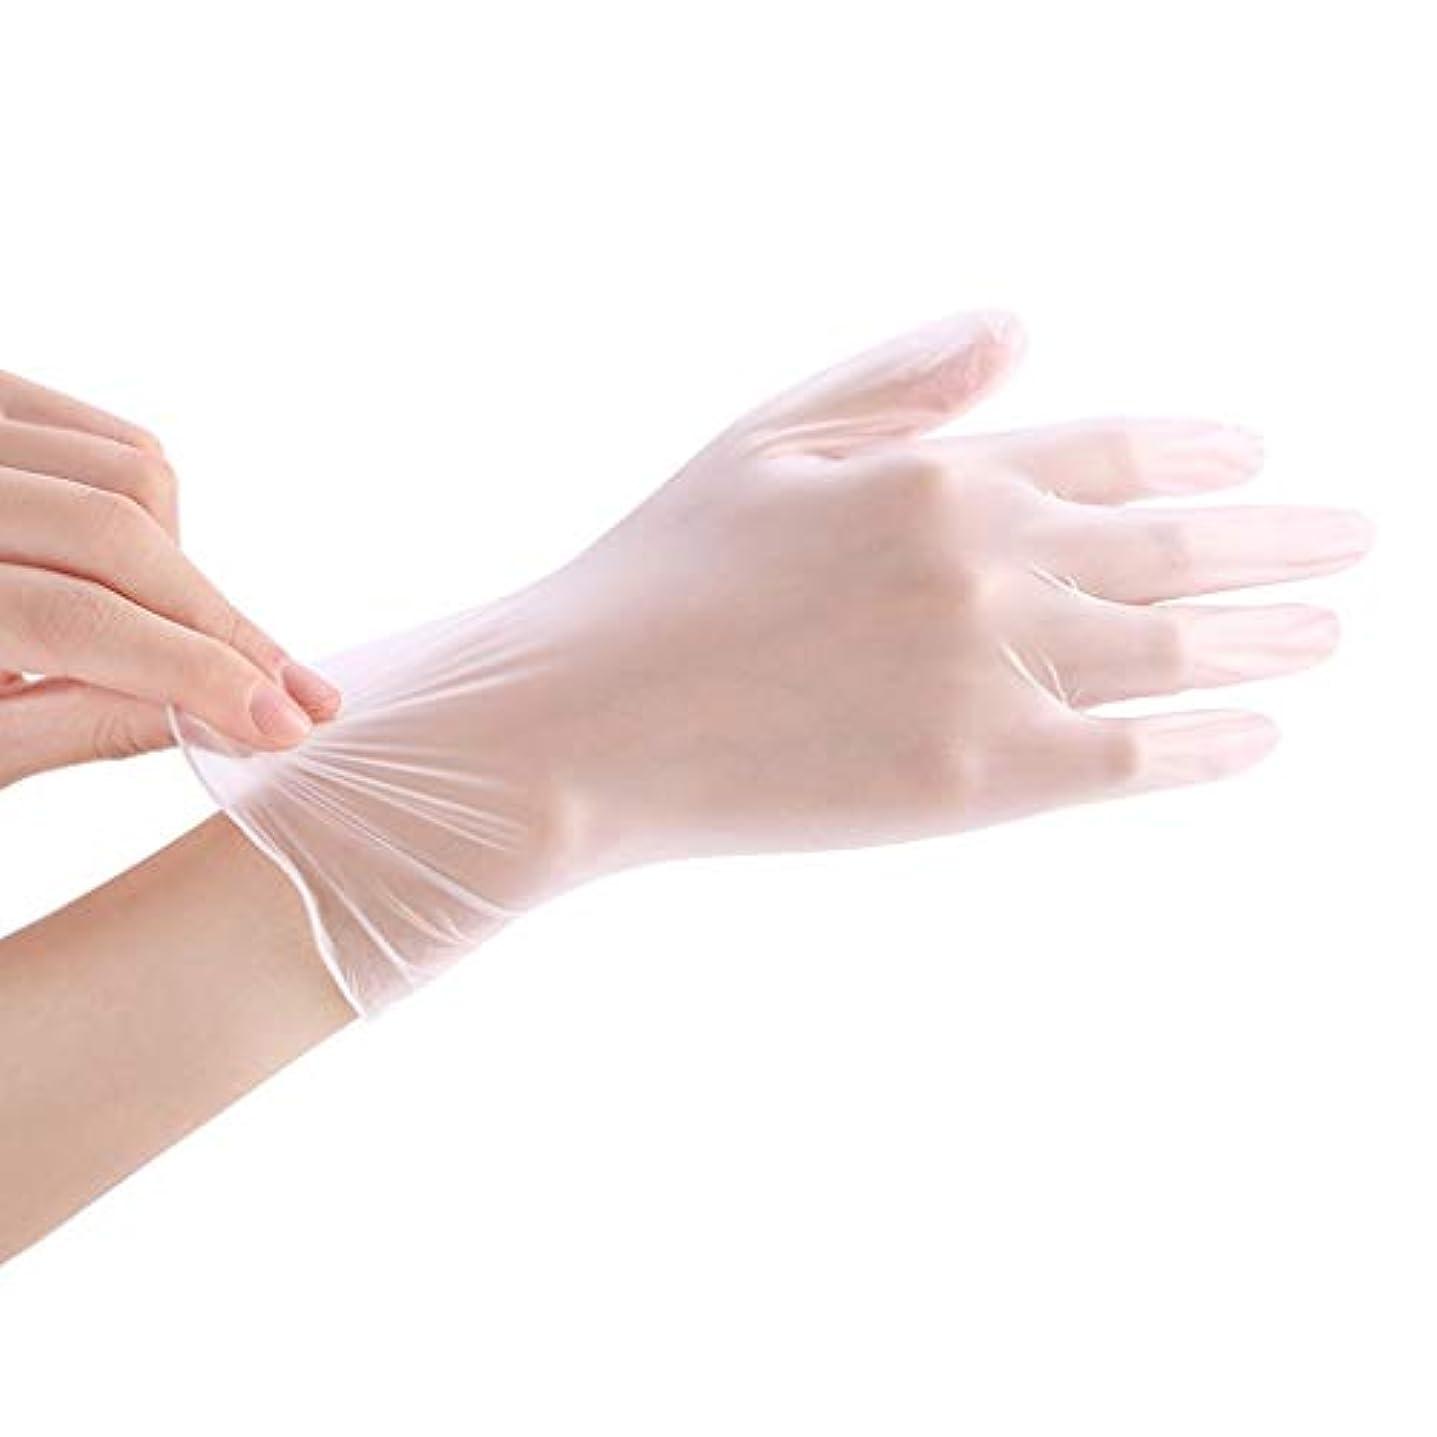 ファックスレイ処方使い捨て透明食品ケータリンググレードPVC手袋美容キッチンベーキングフィルム手袋200 YANW (色 : トランスペアレント, サイズ さいず : L l)